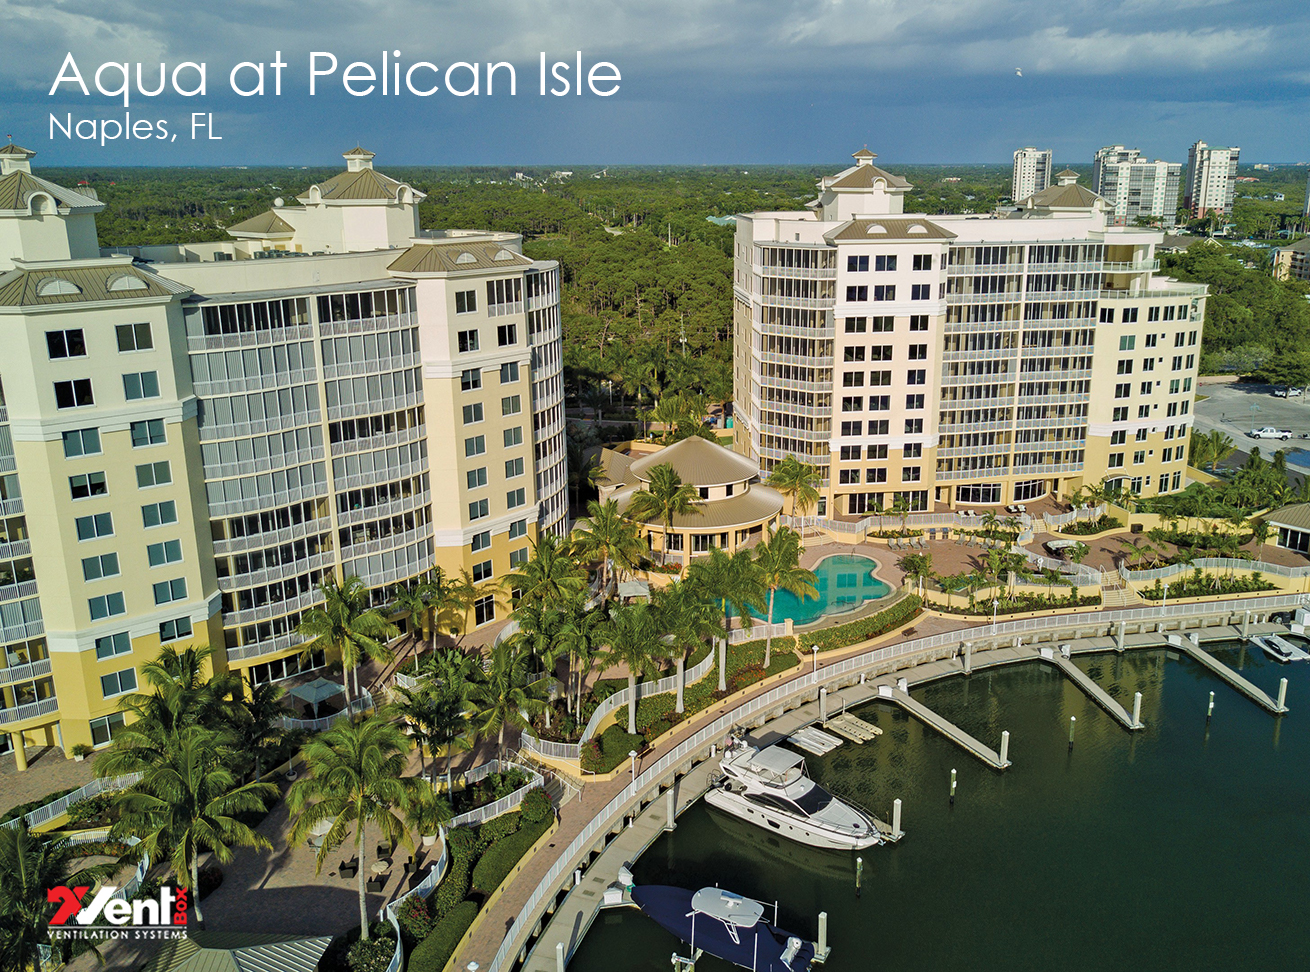 Aqua at Pelican Isle